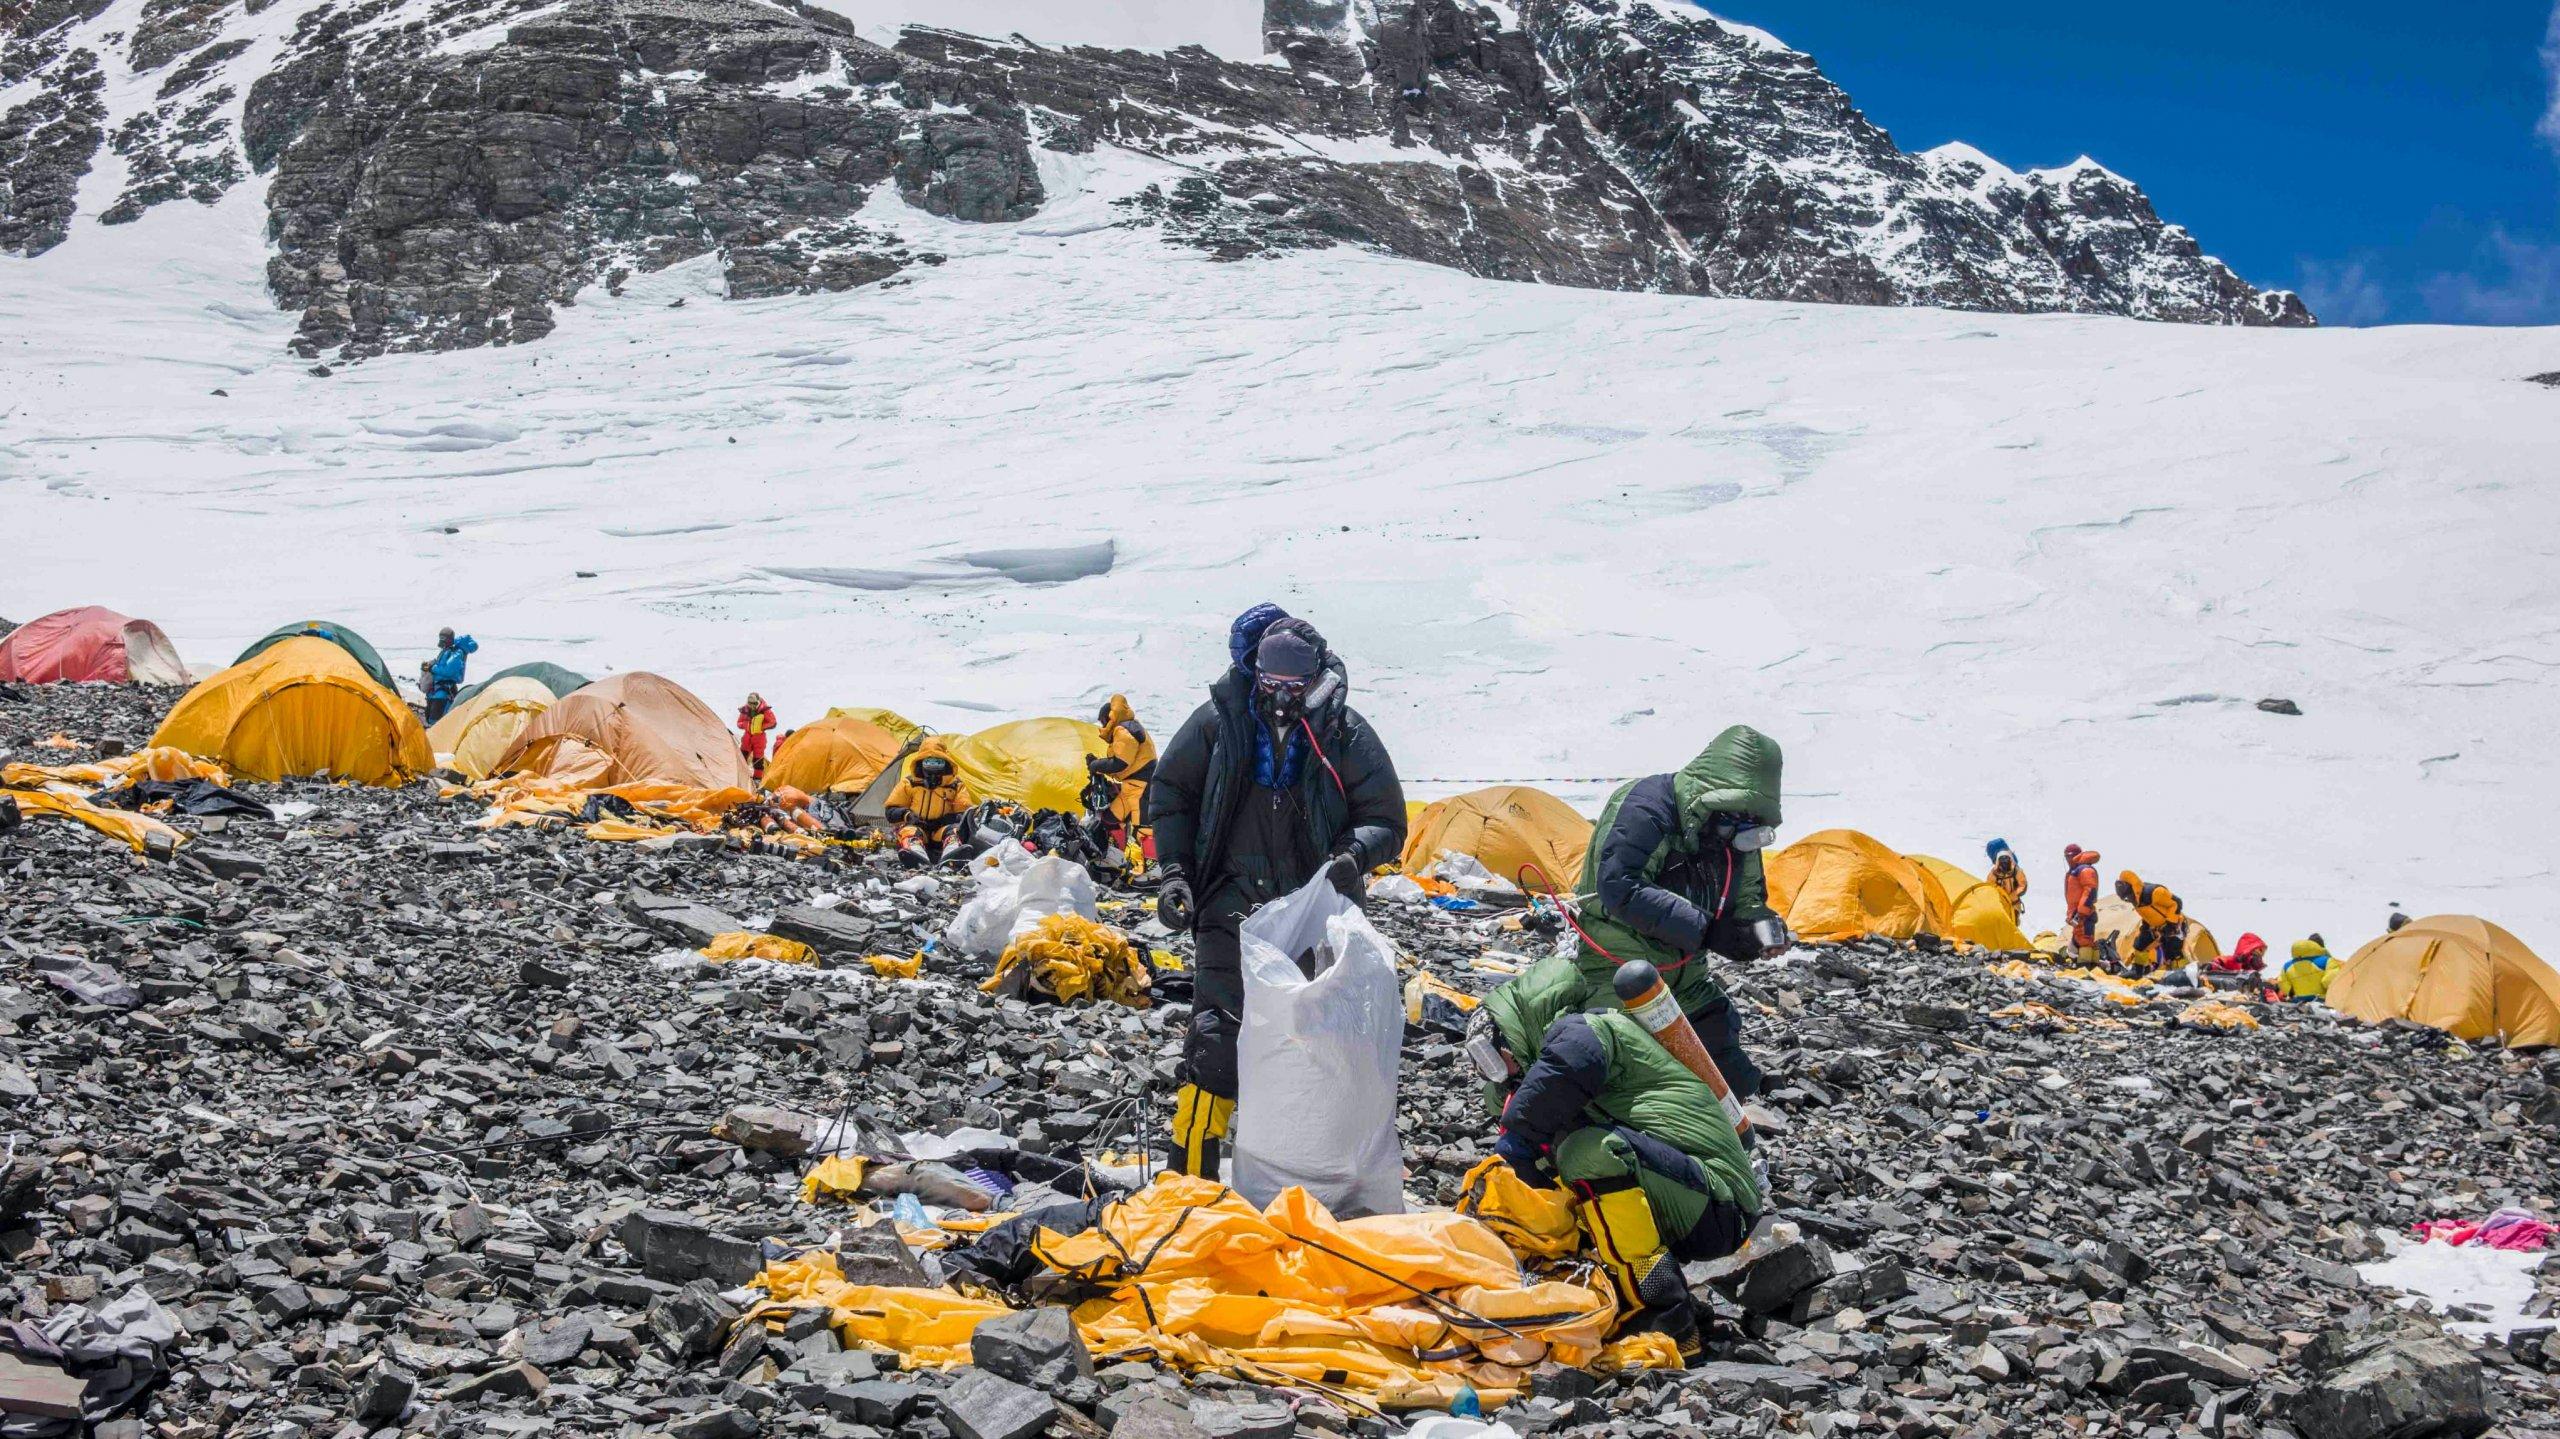 https___fashionista.com_.image_MTc0Nzk1MTg5NTkwNjk3MzM4_bally-peak-outlook-foundation-mountain-preservation-sustainability